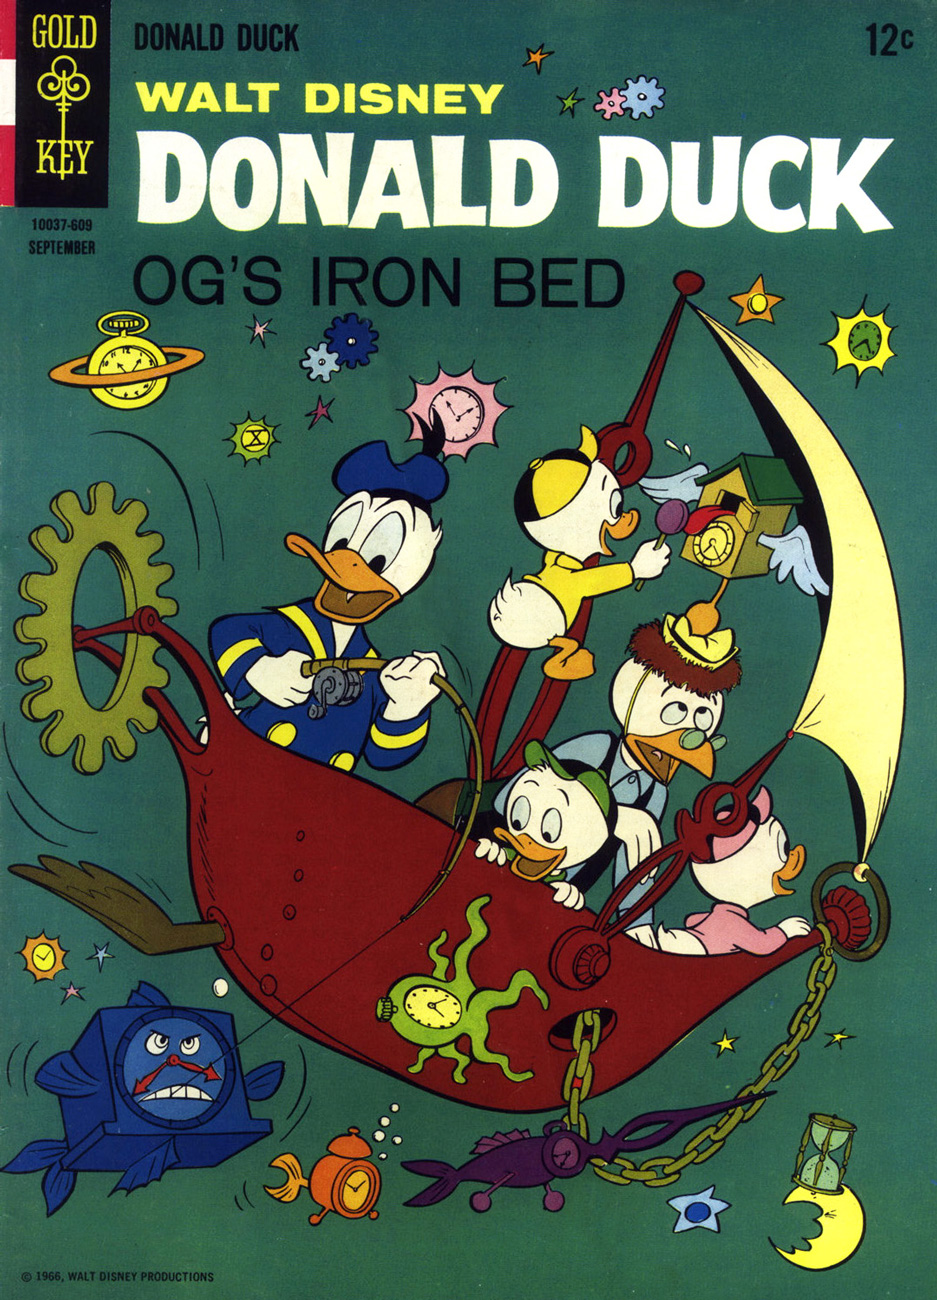 DonaldDuck109